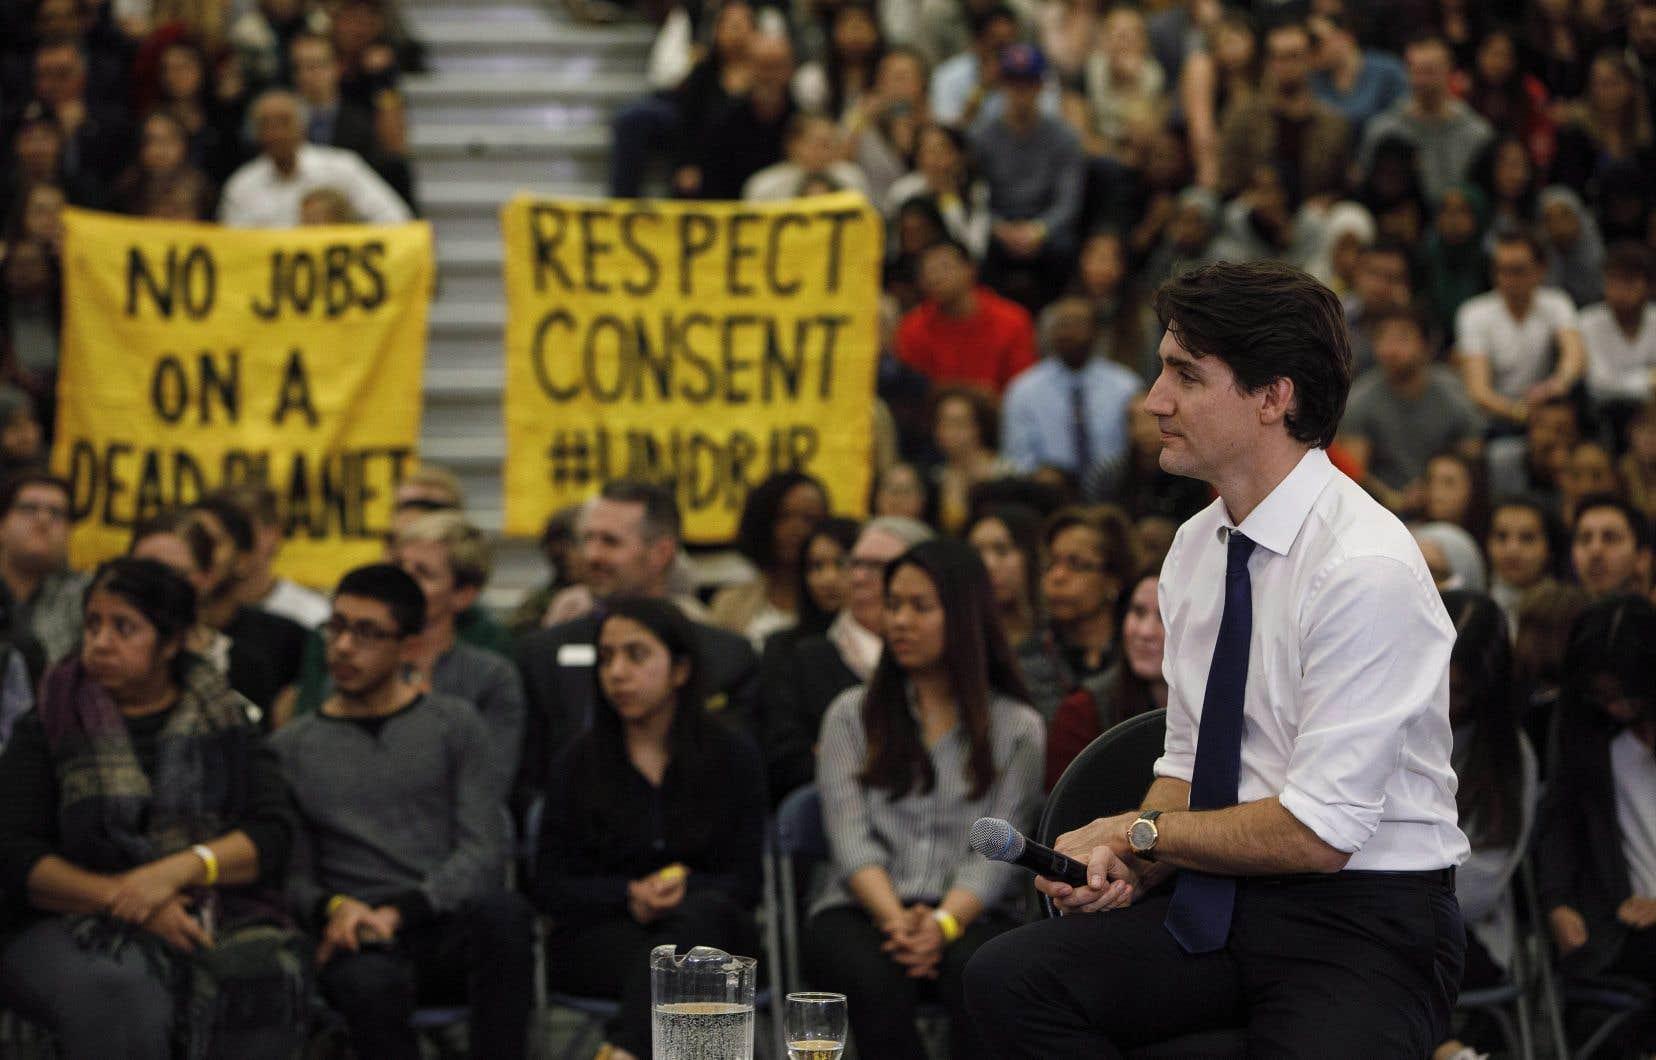 Le premier ministre Trudeau a fait face à un mélange d'applaudissements et de huées à son arrivée.